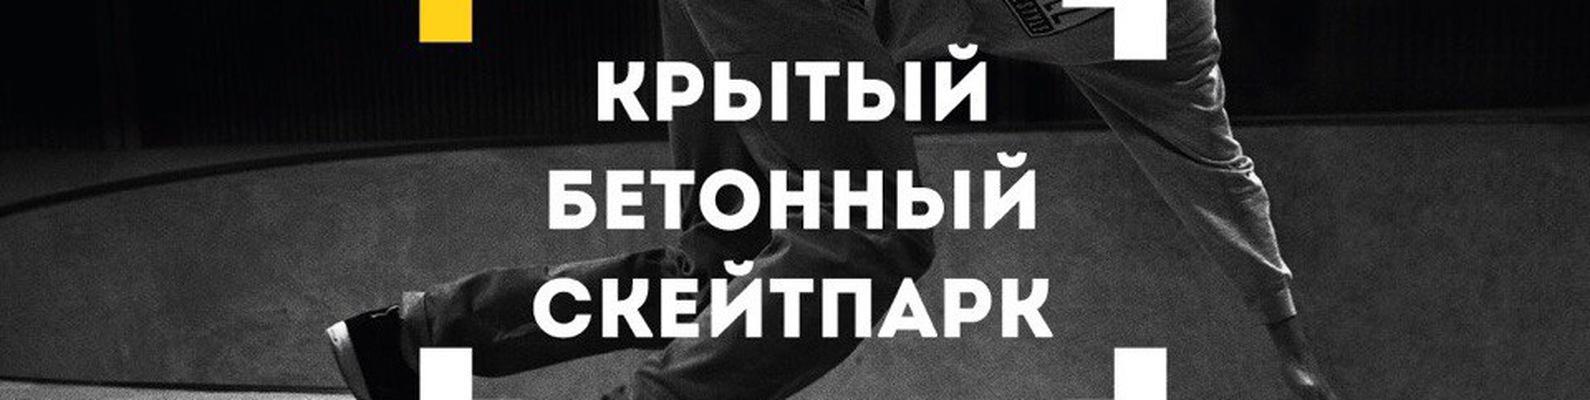 Клуб барбадос москва закрыт мастурбация в ночных клубах